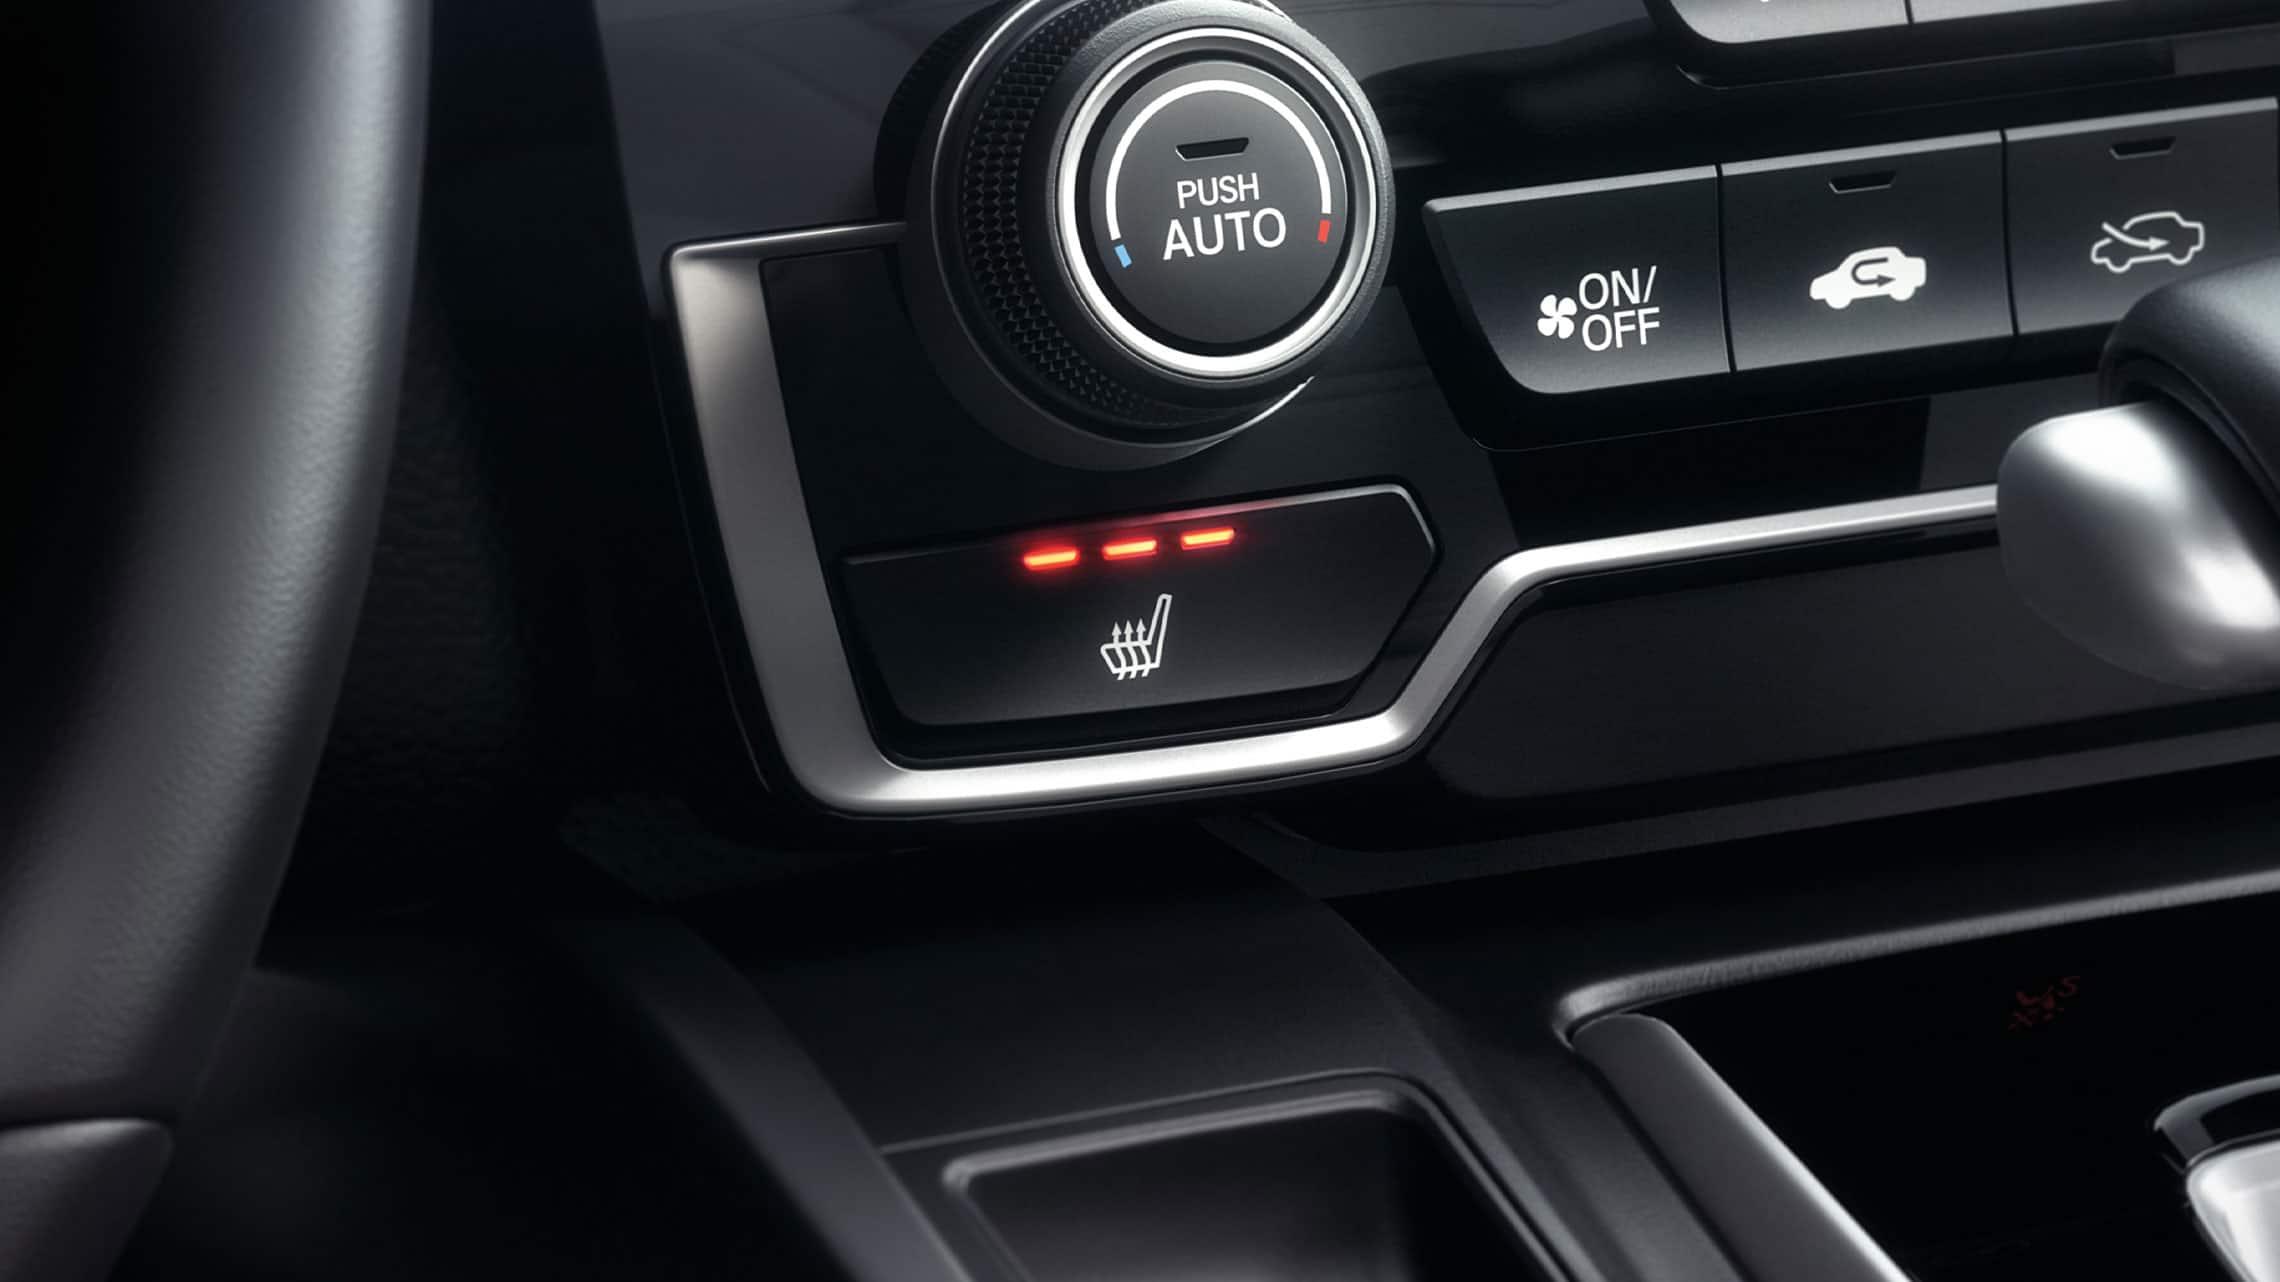 Detalle de los controles del asiento delantero calefaccionado en la Honda CR-V2021 con Black Leather.